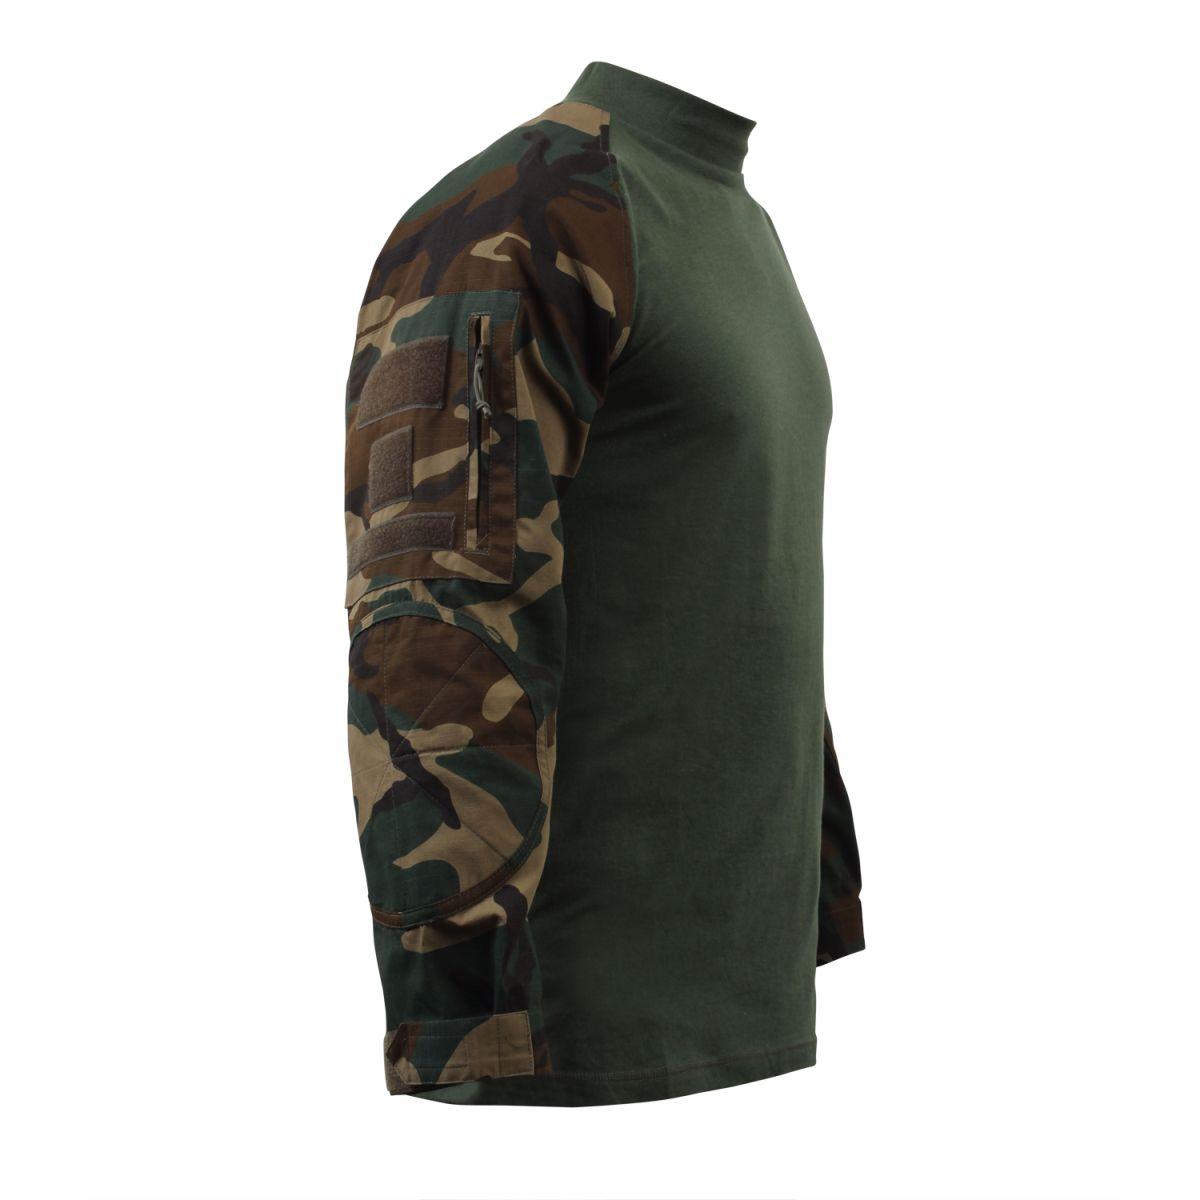 Košile COMBAT taktická WOODLAND ROTHCO 90025 L-11